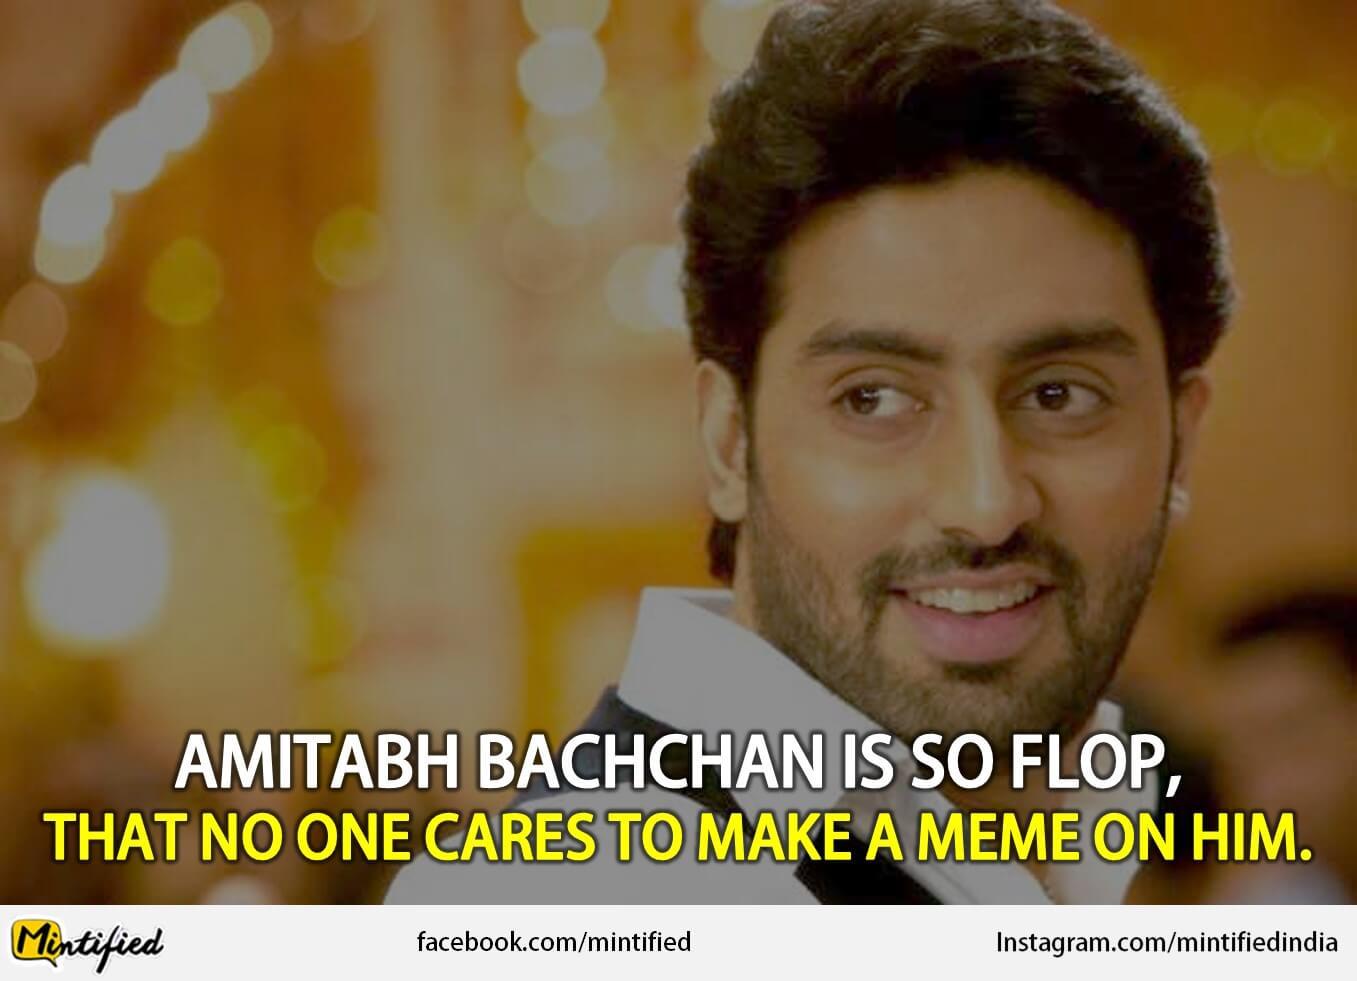 Amitabh Bachchan Is So Abhishek Bachchan Meme